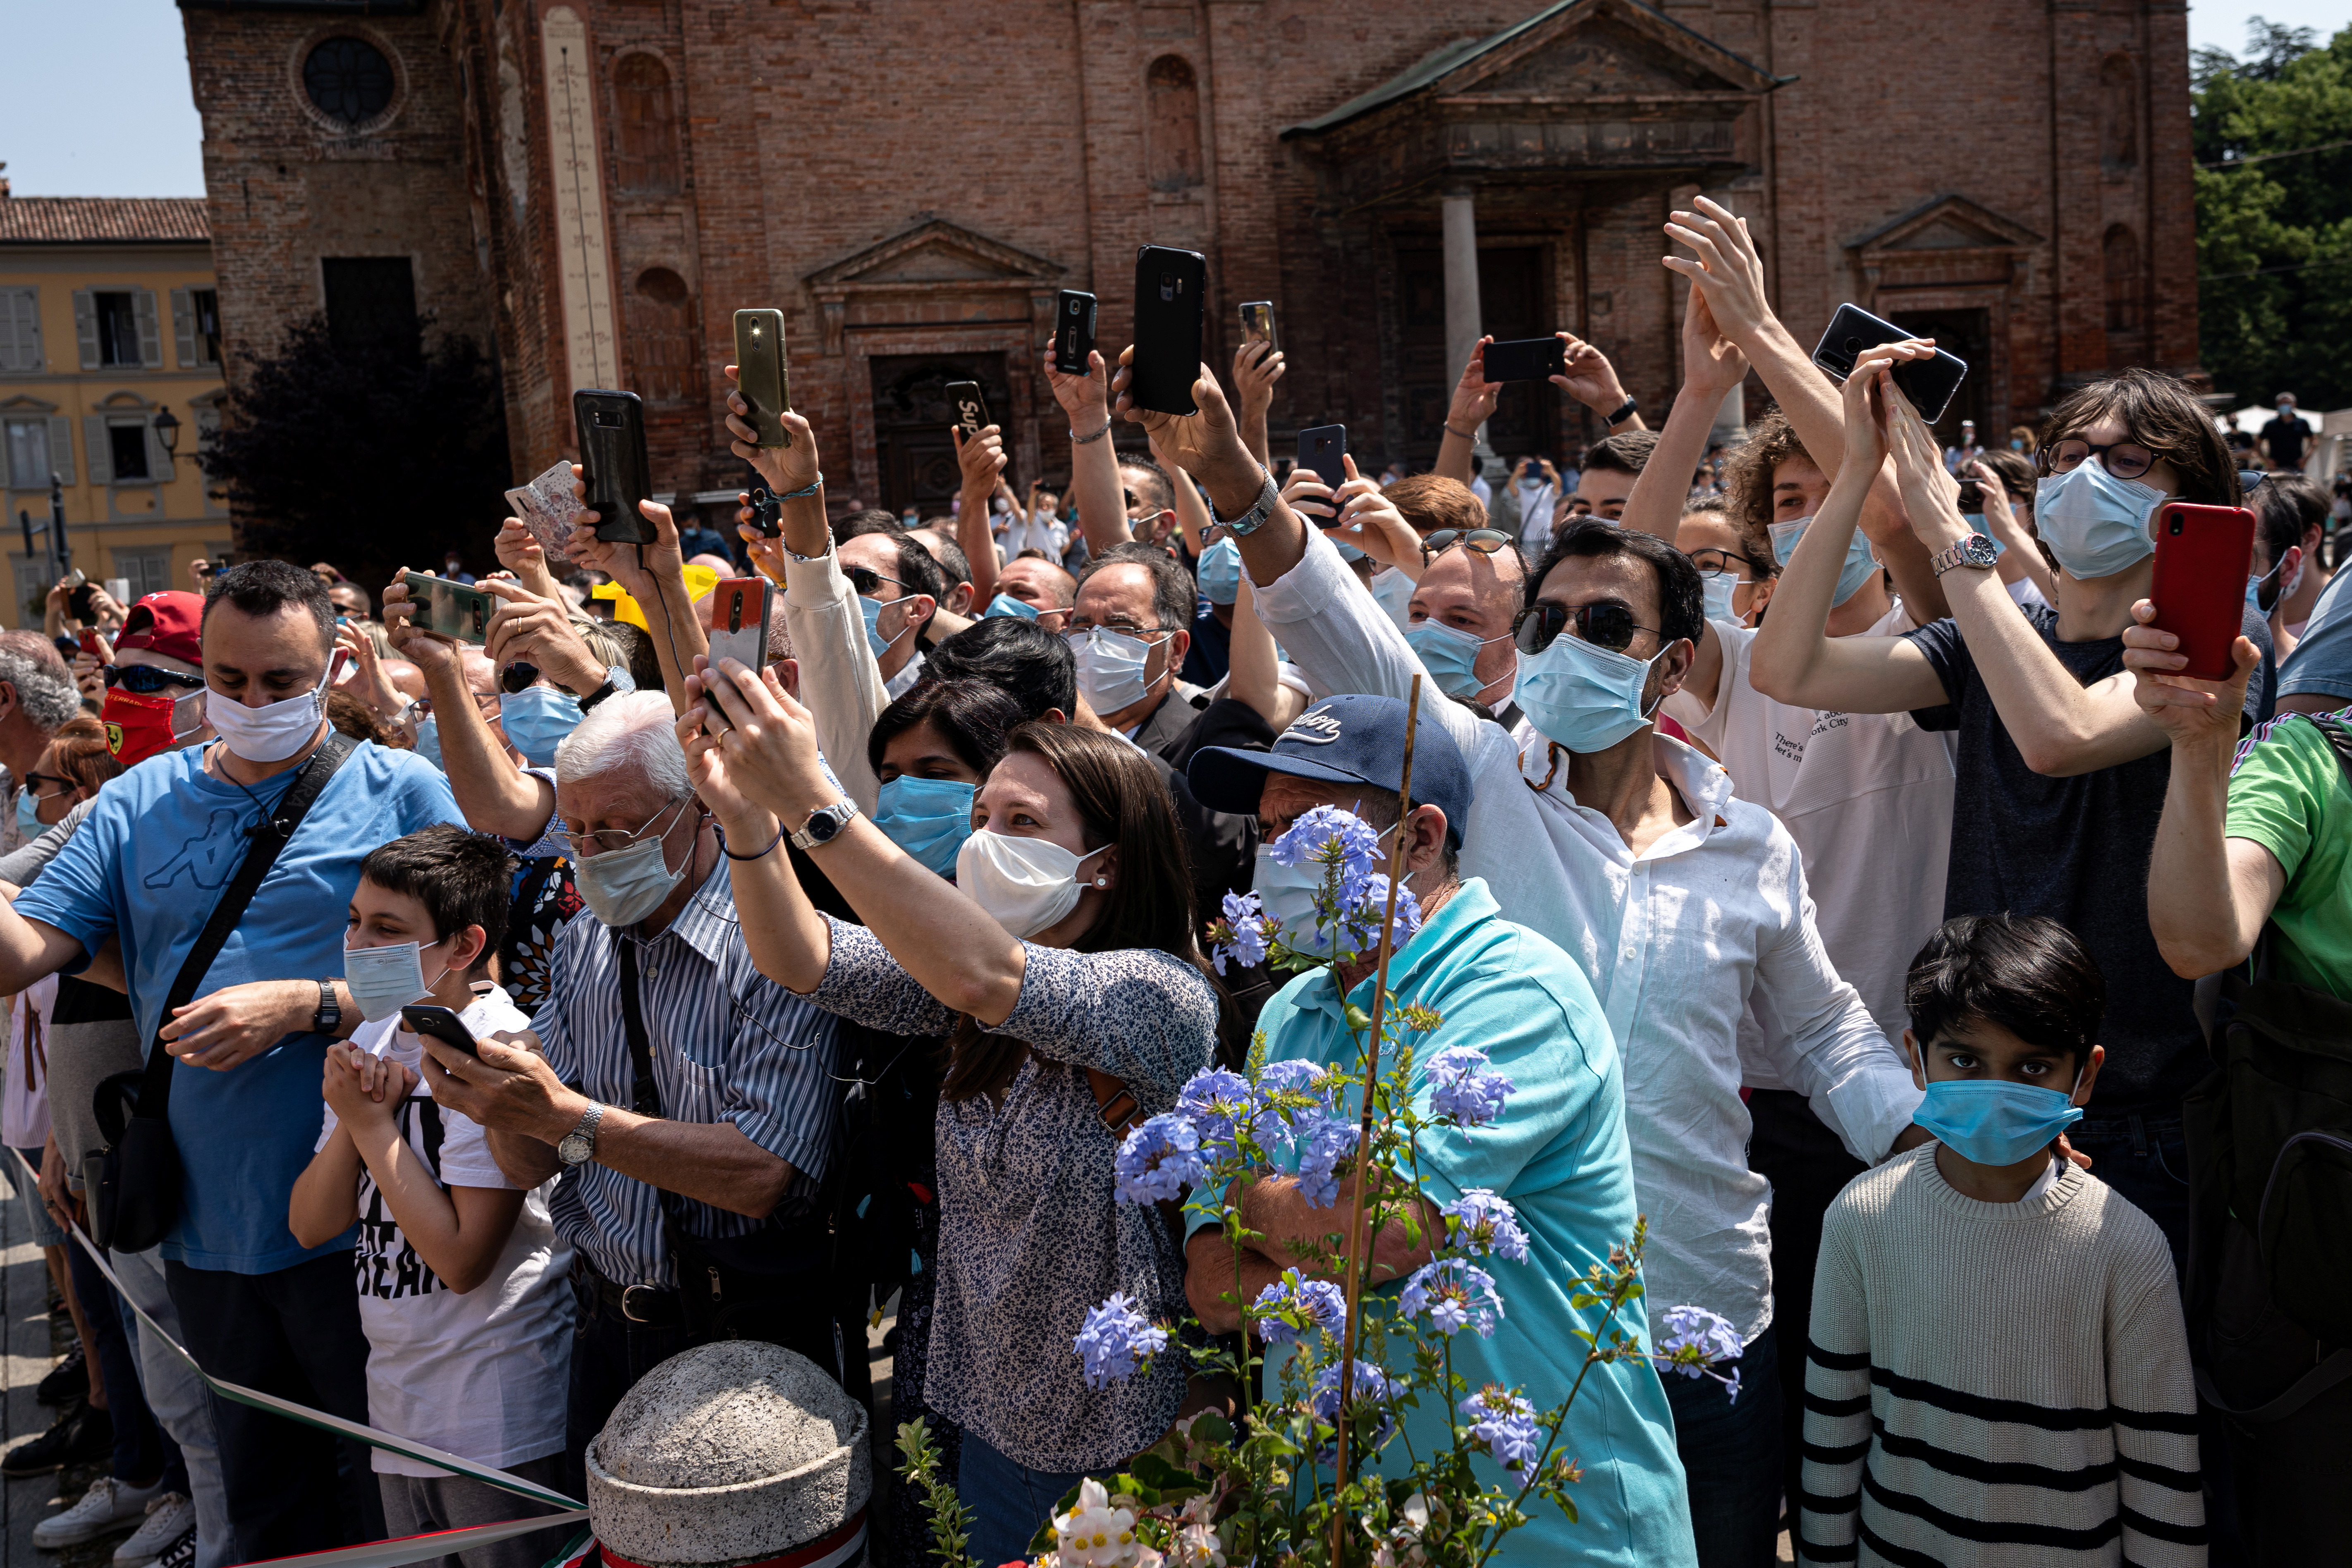 La ciudad italiana de Vò no ha informado de ningún síntoma en el 40% de sus casos de coronavirus.